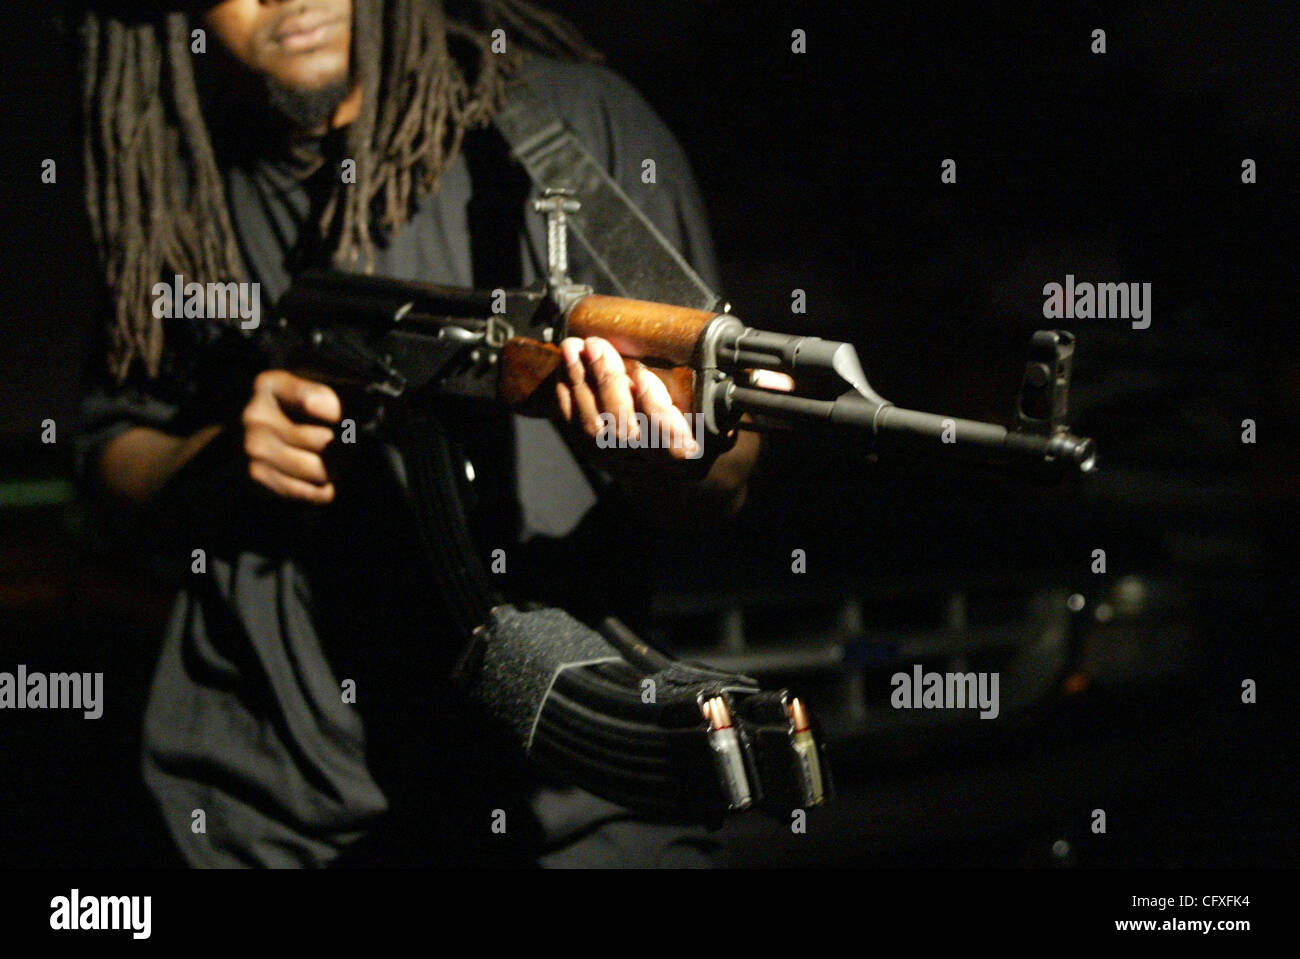 0036883A Personal Foto Von Vada Mossavat The Palm Beach Post Geschichte Durch LANTGUA WEST PALM BEACH In Einem Wohngebiet Ein Rapper Zeigt Seine AK 47